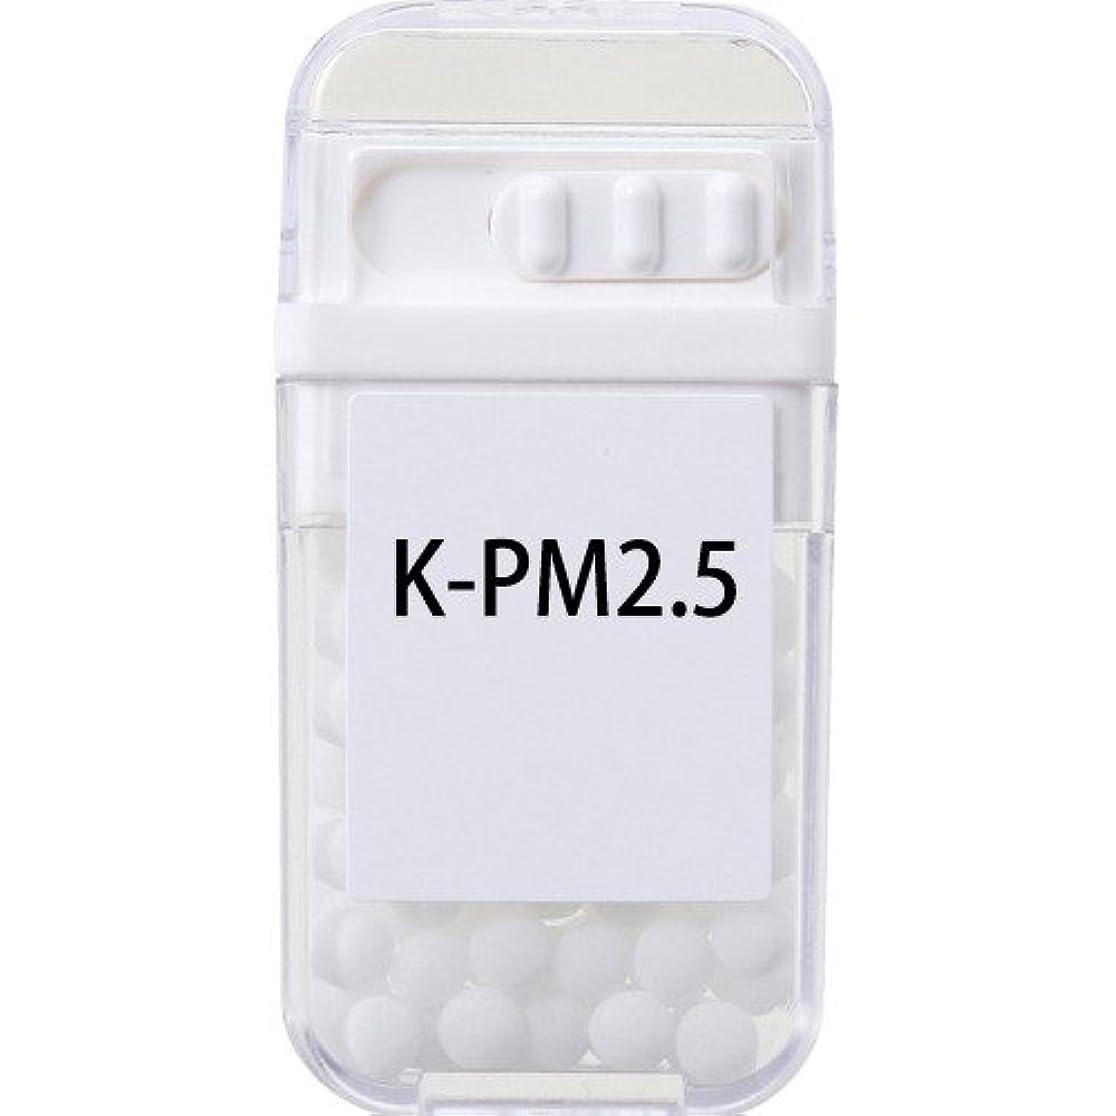 全体航空便キーホメオパシージャパンレメディー K-PM2.5  (大ビン)